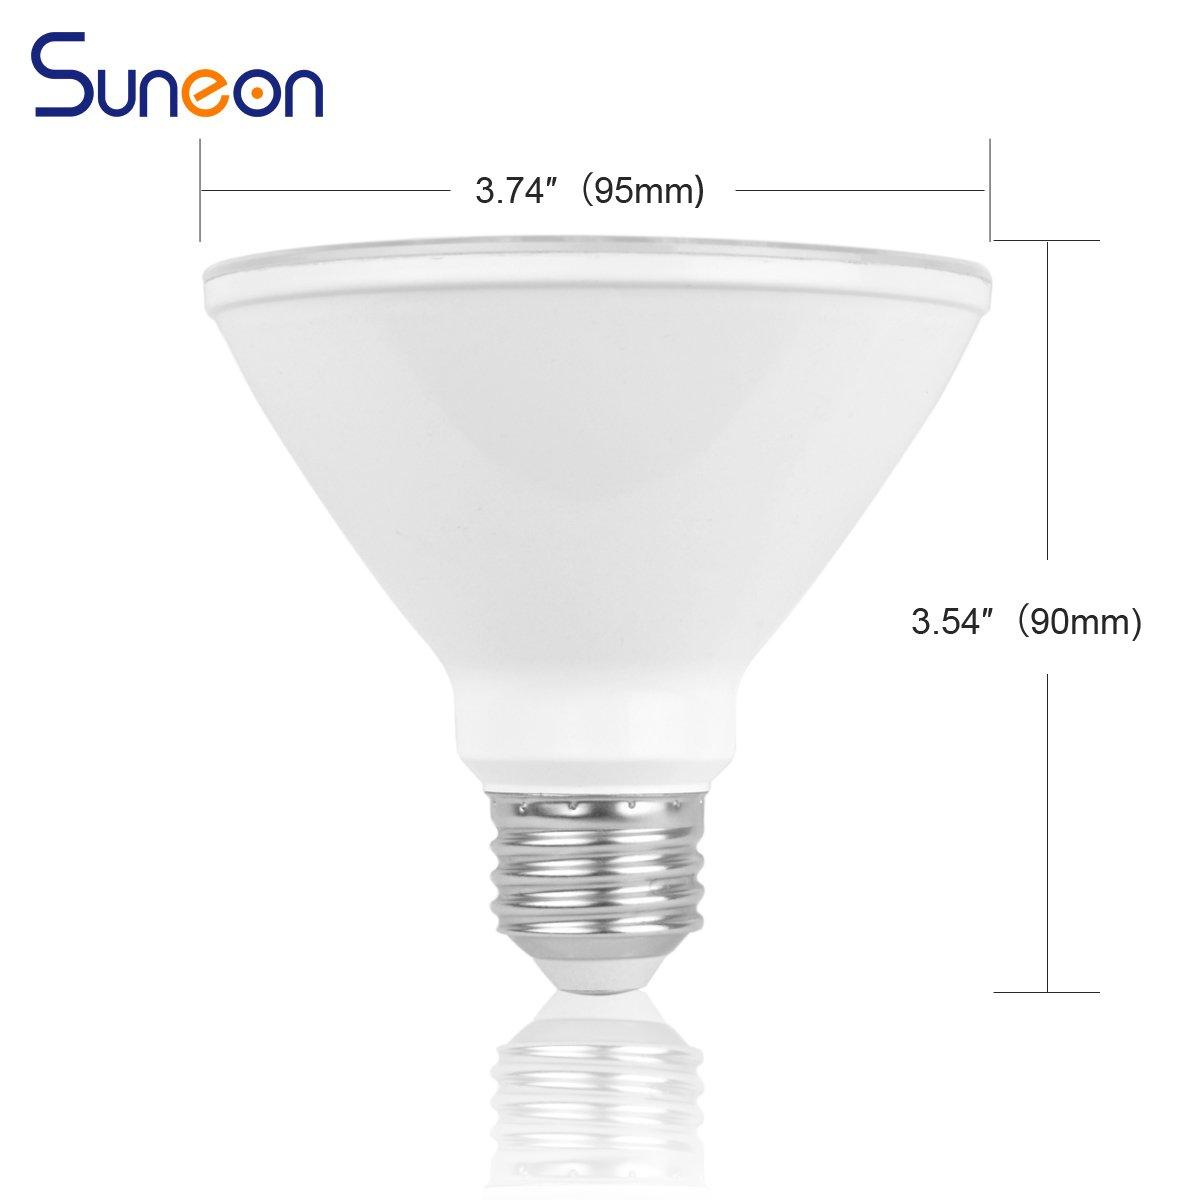 SUNEON LED Light Bulbs Par30 Short Neck LED Bulbs 75 Watt Equivalent Flood Light 11W 800Lumens 3000K Soft White Warm Color Dimmable Spot Light Bulb Track Lighting Recessed Light,Medium Base E26,4 Pack